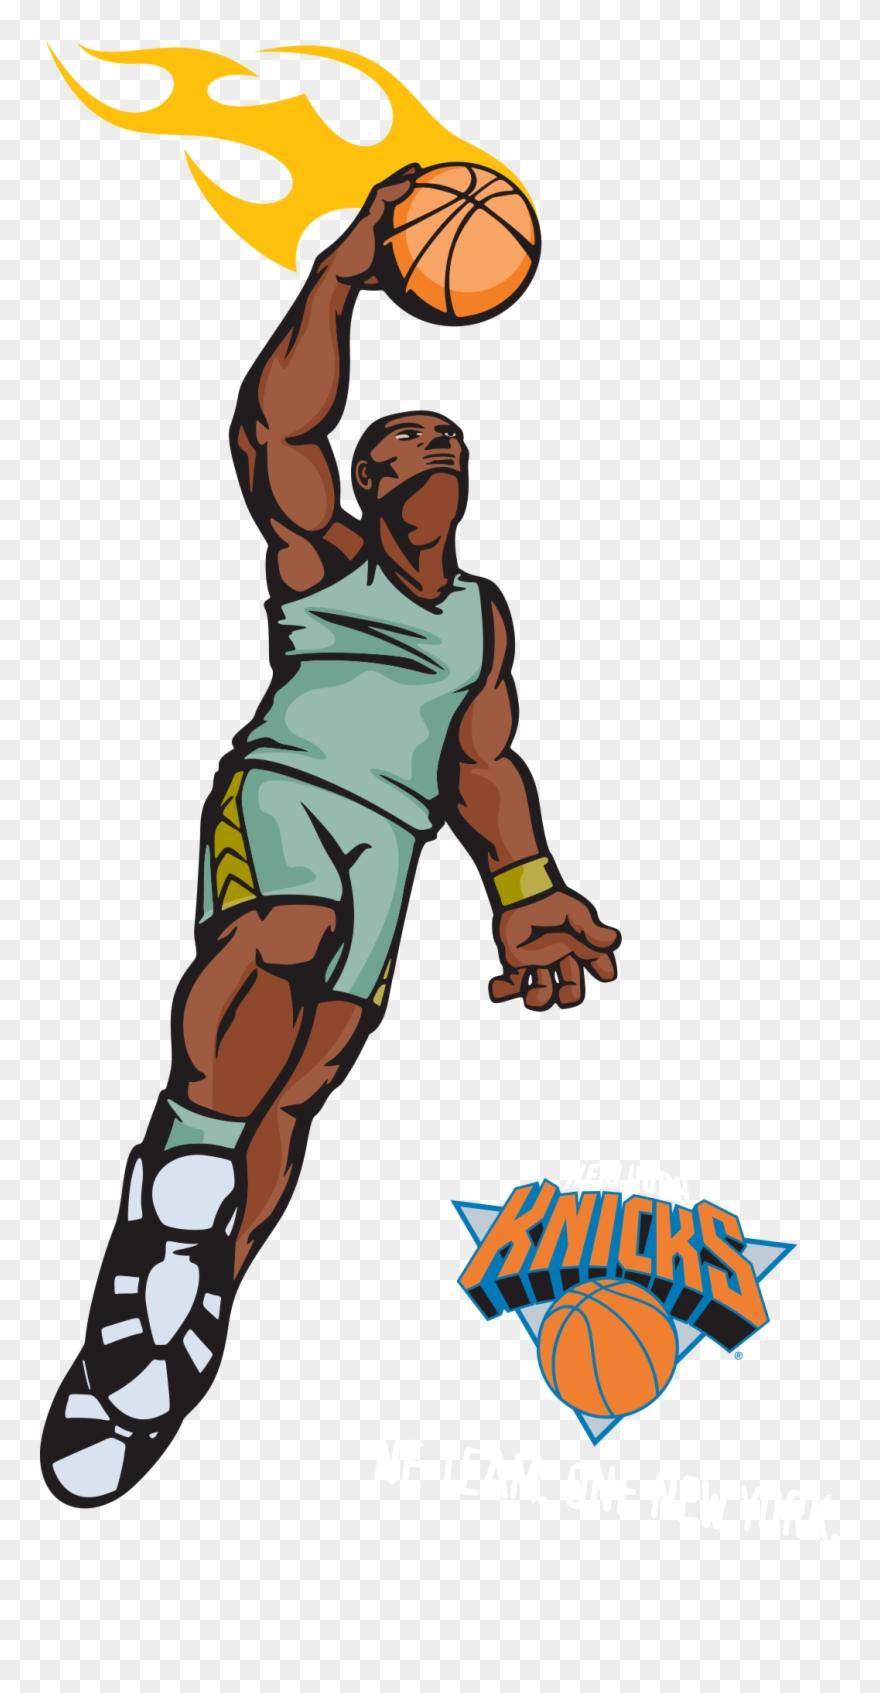 New york knicks clipart jpg freeuse stock Slam Dunk Clipart At Getdrawings - New York Knicks Vol. 1 Go ... jpg freeuse stock